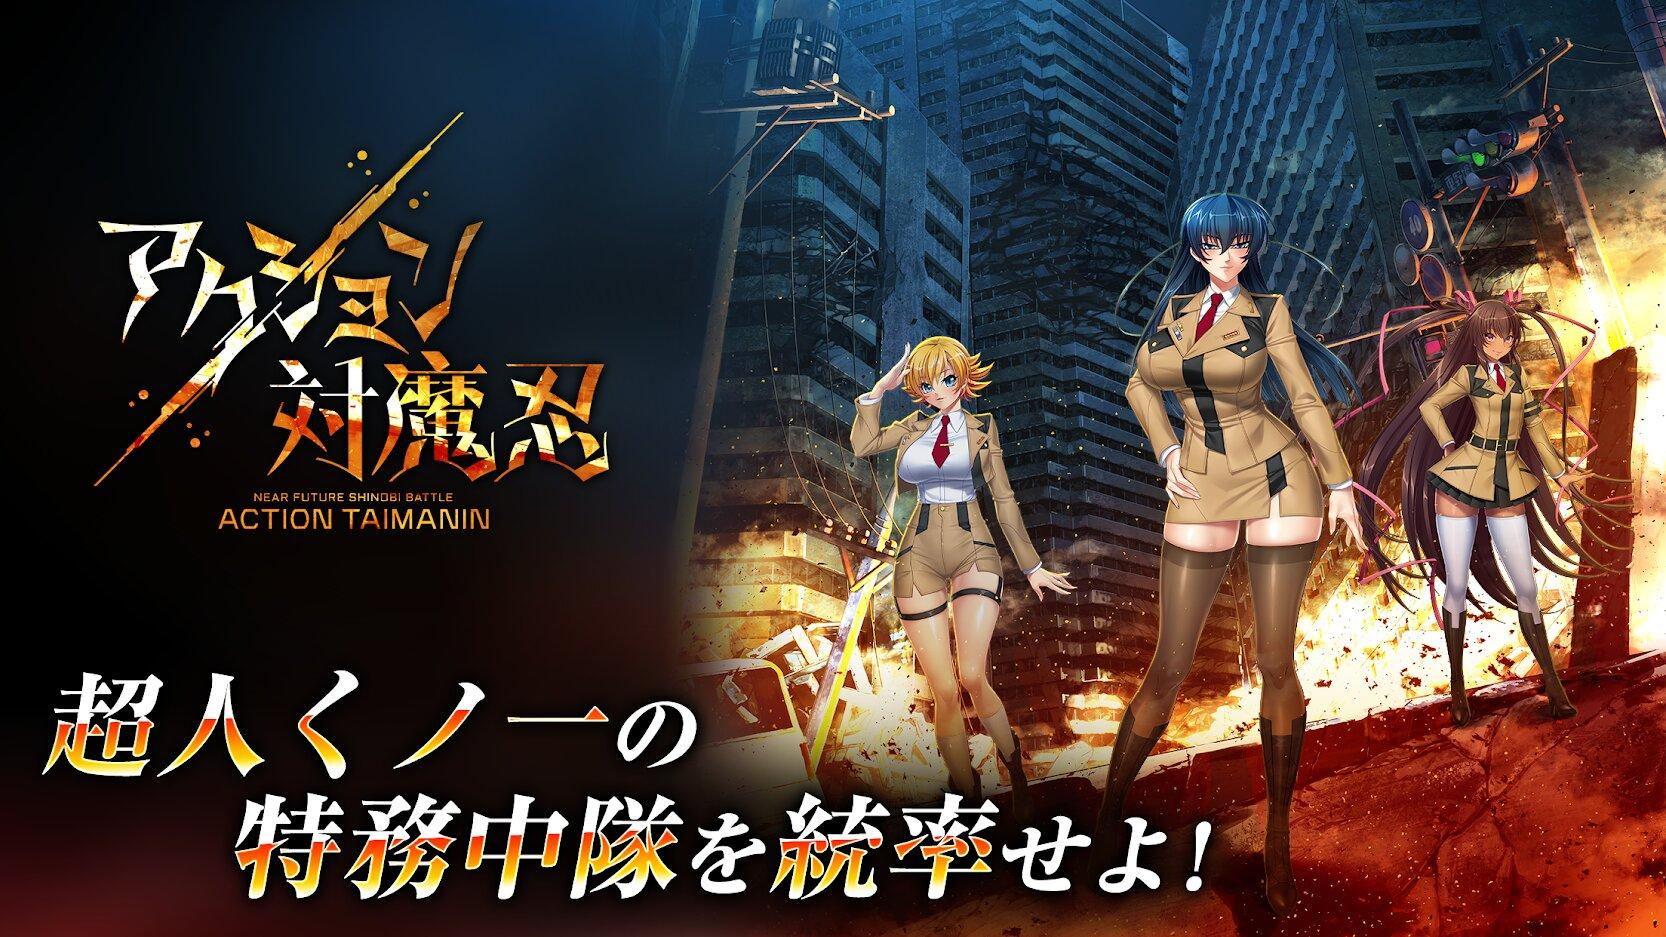 动作手游《动作对魔忍》预定12月24日正式推出